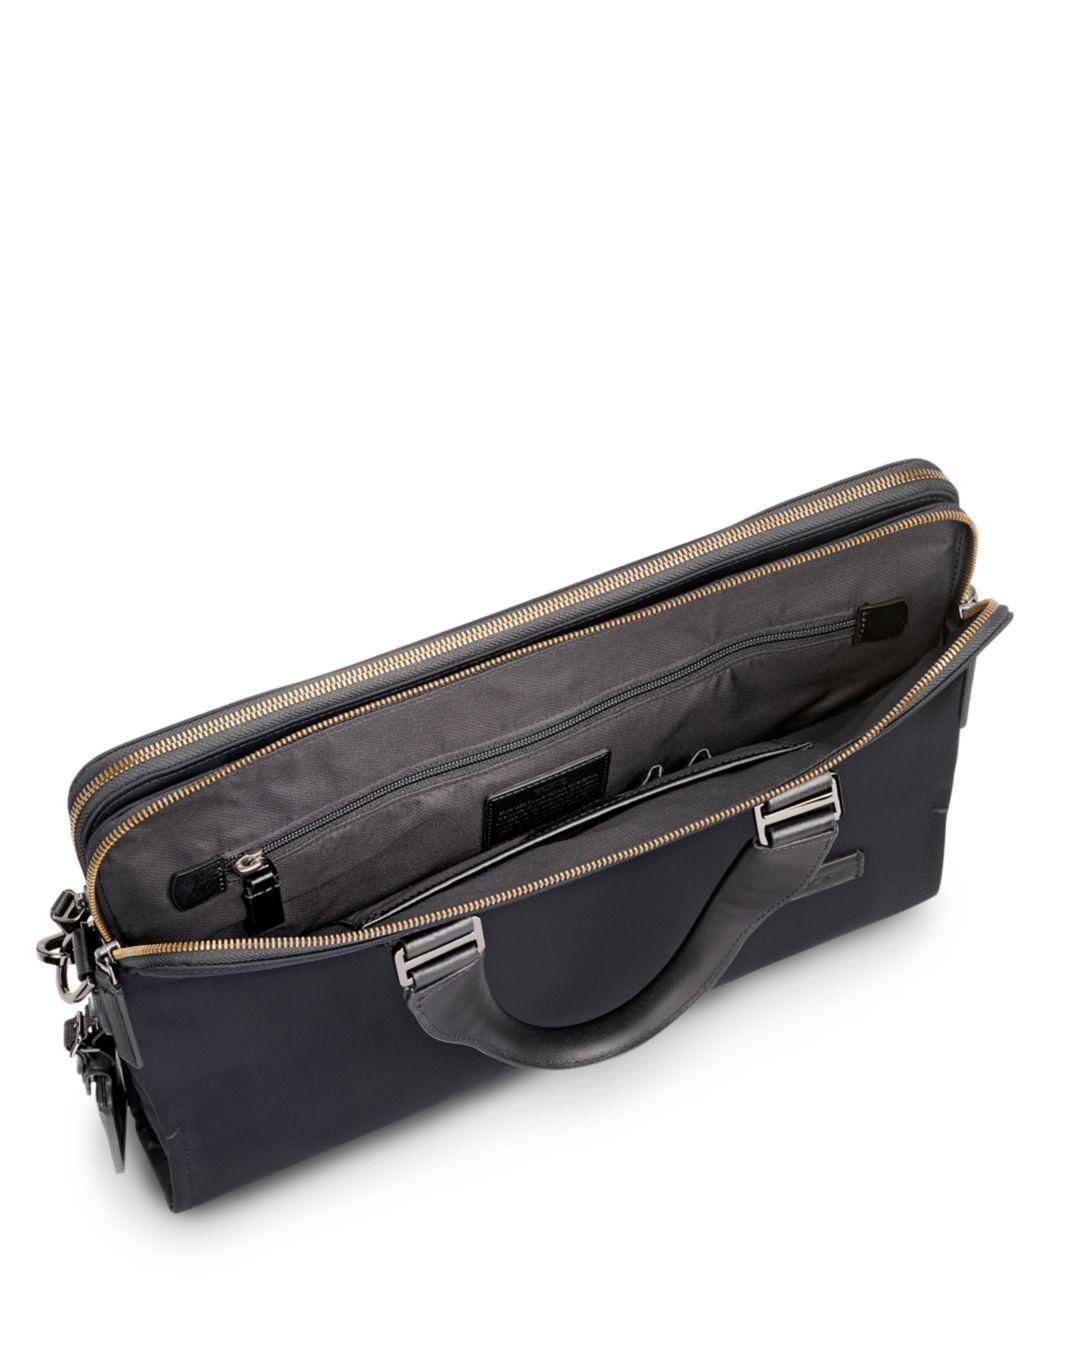 40c99a1384ea Lyst - Tumi Harrison Nylon Seneca Slim Briefcase in Black for Men - Save 14%